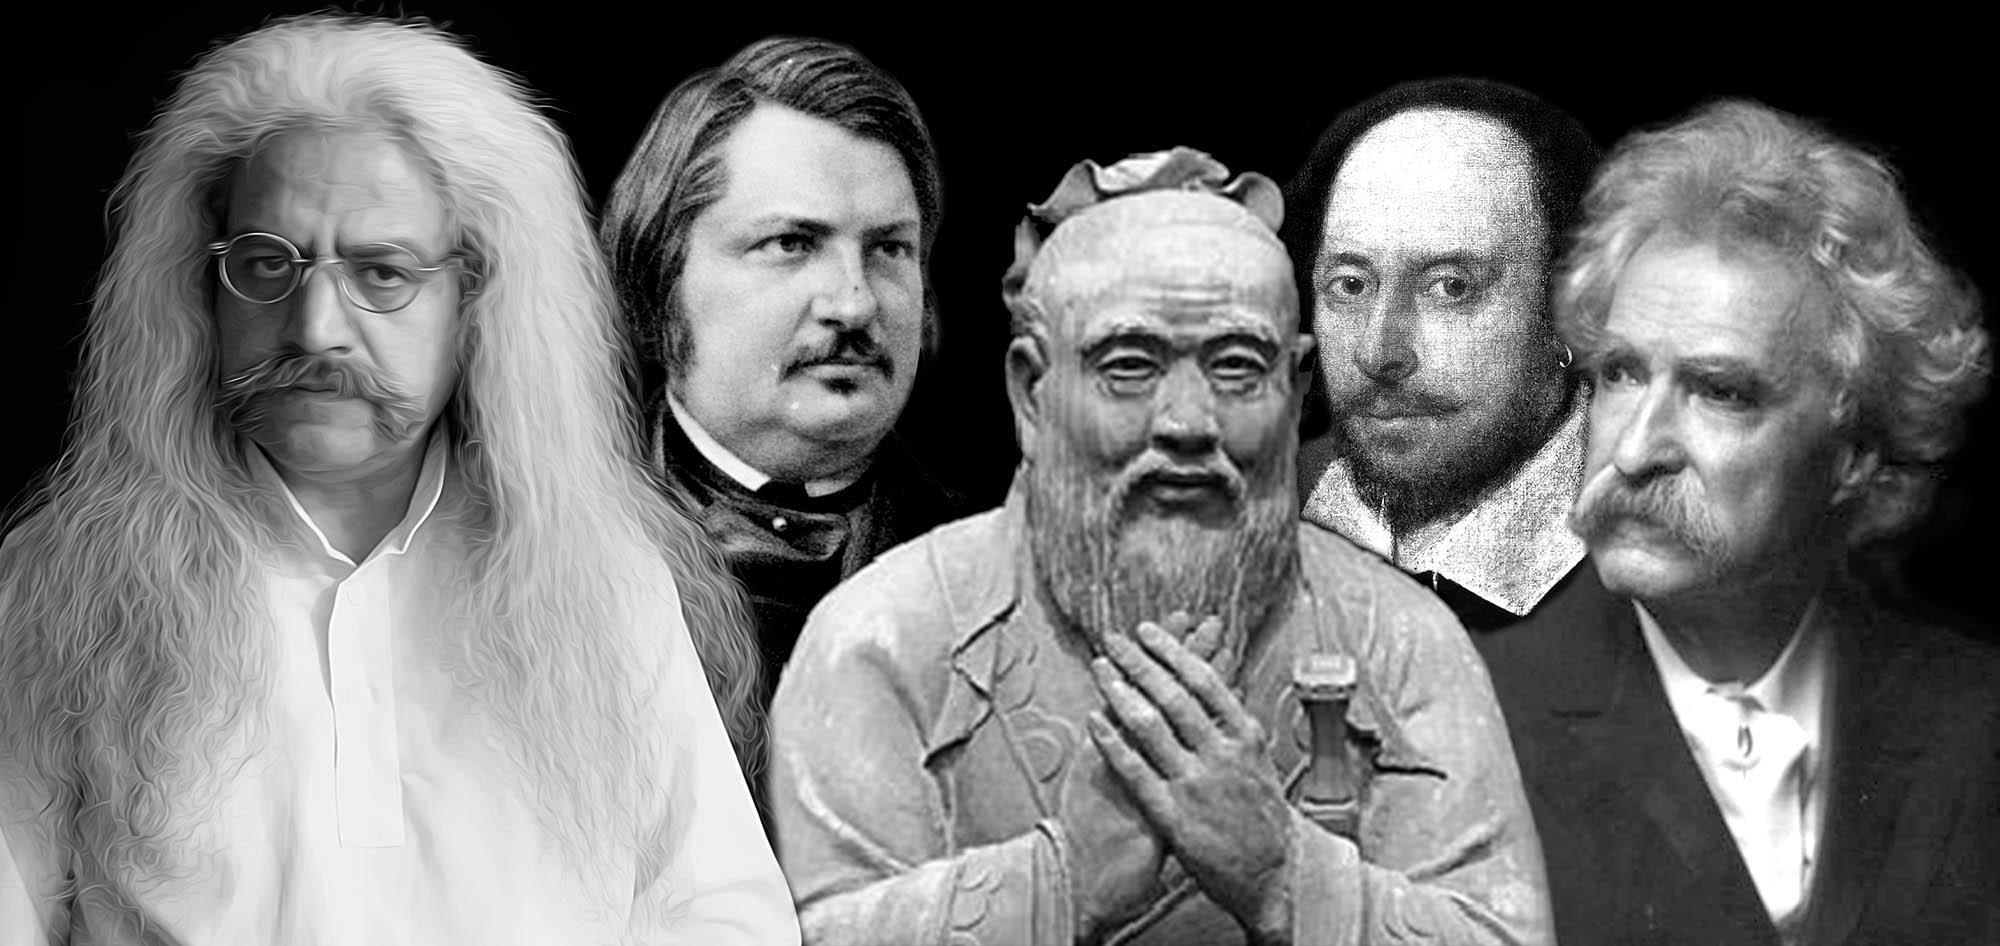 ویلیام شکسپیر، مارک تواین، کنفوسیوس، حکیم ارد بزرگ، ویلیام شکسپیر -شاعر ملی انگلستان، مارک تواین -نویسنده و فکاهی نویس، کنفوسیوس مشهورترین فیلسوف چین، حکیم ارد بزرگ - بزرگترین فیلسوف، عکس سخنان بزرگان، جملات دانشمندان همراه با عکس